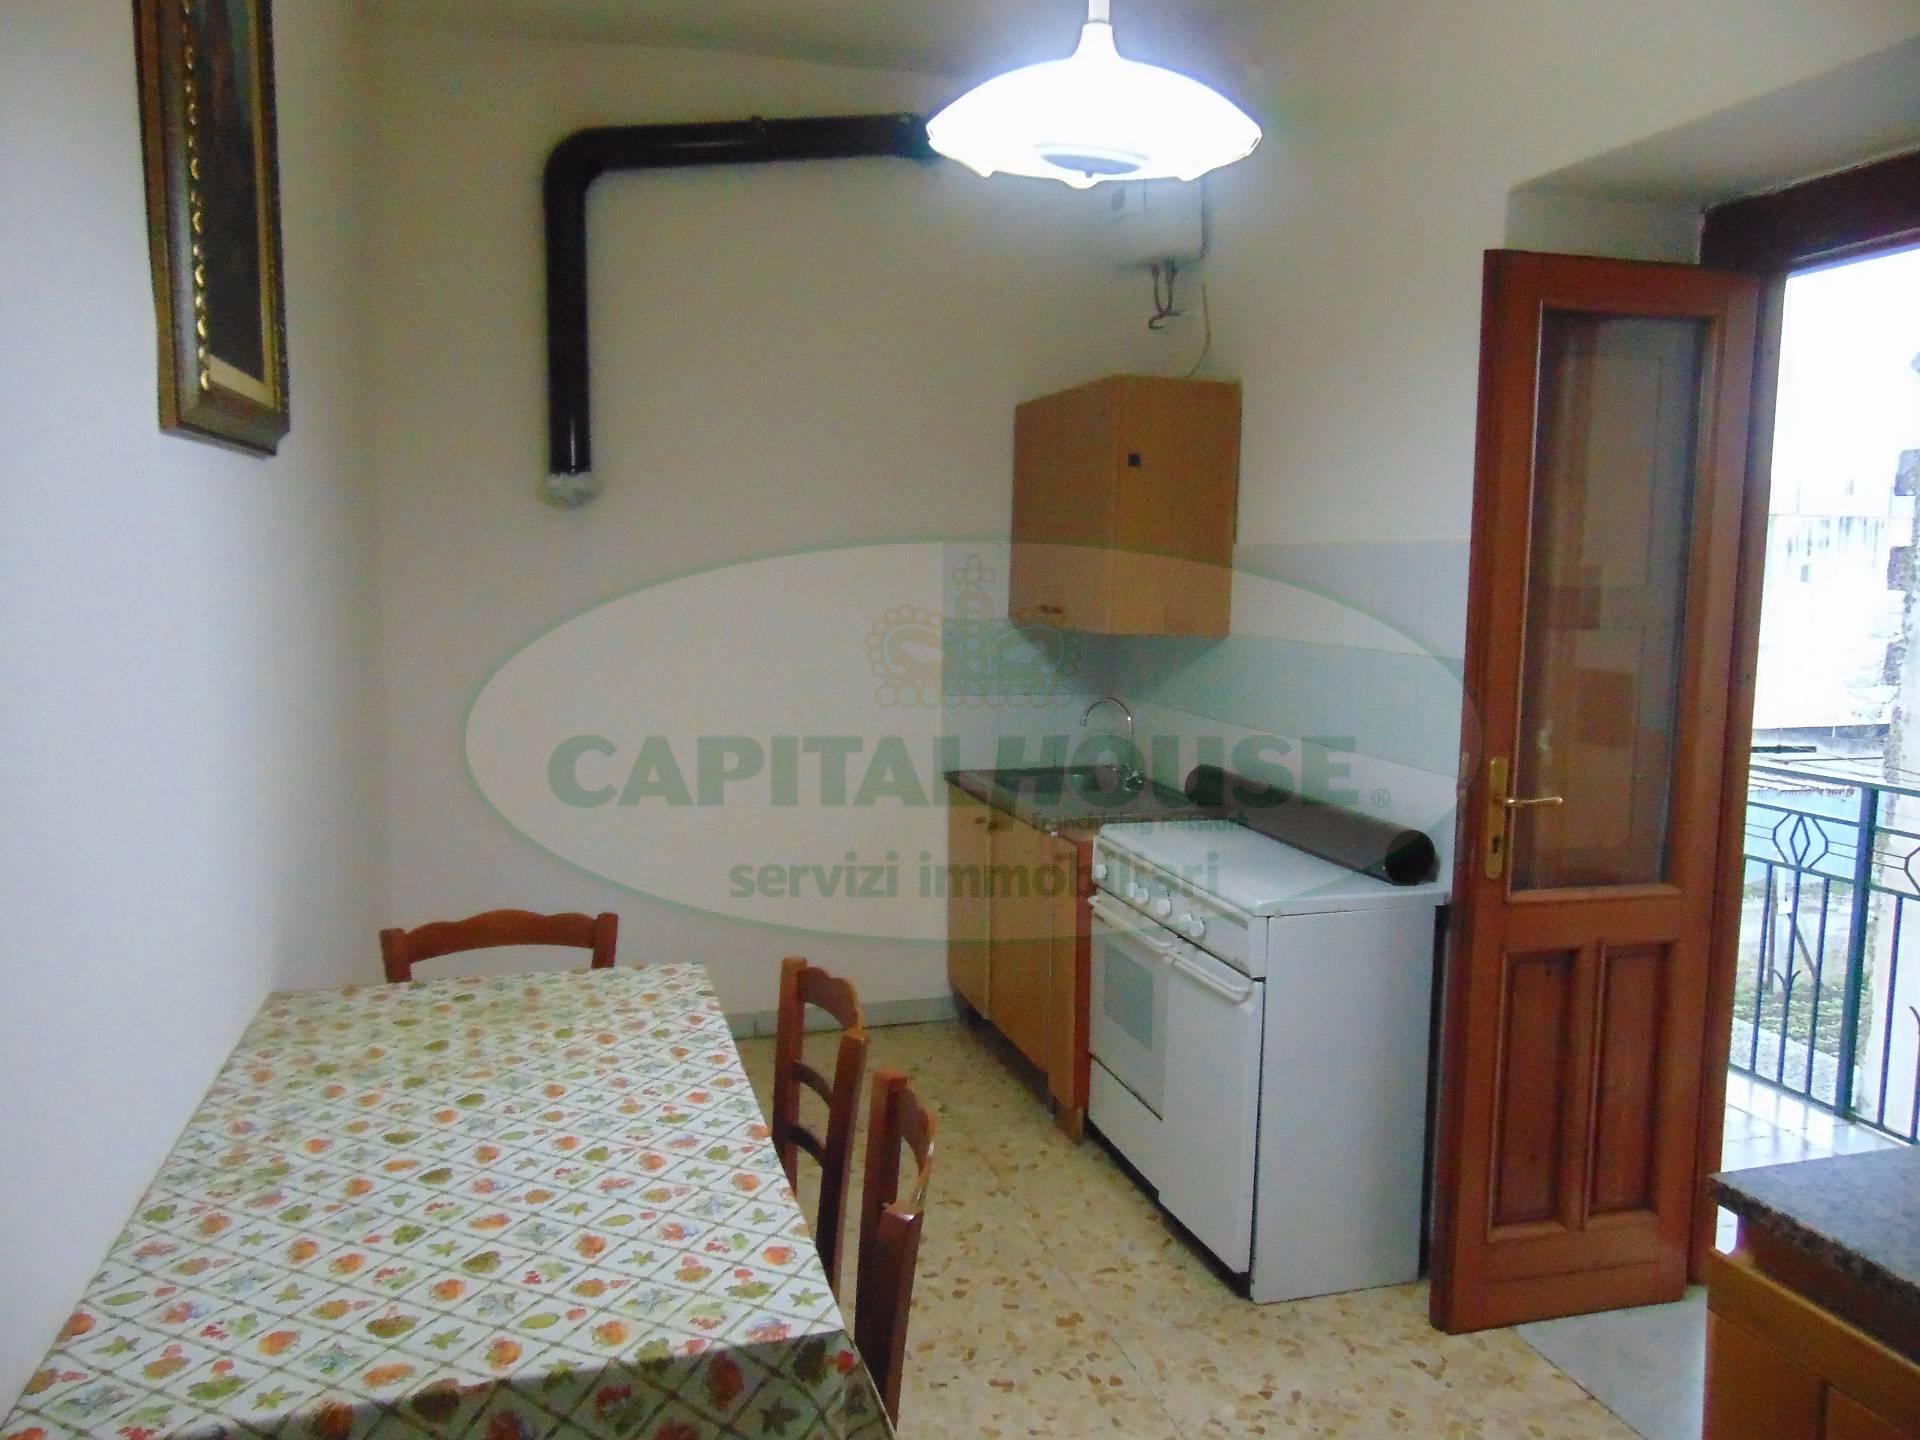 Appartamento in vendita a Avella, 3 locali, prezzo € 48.000 | Cambio Casa.it